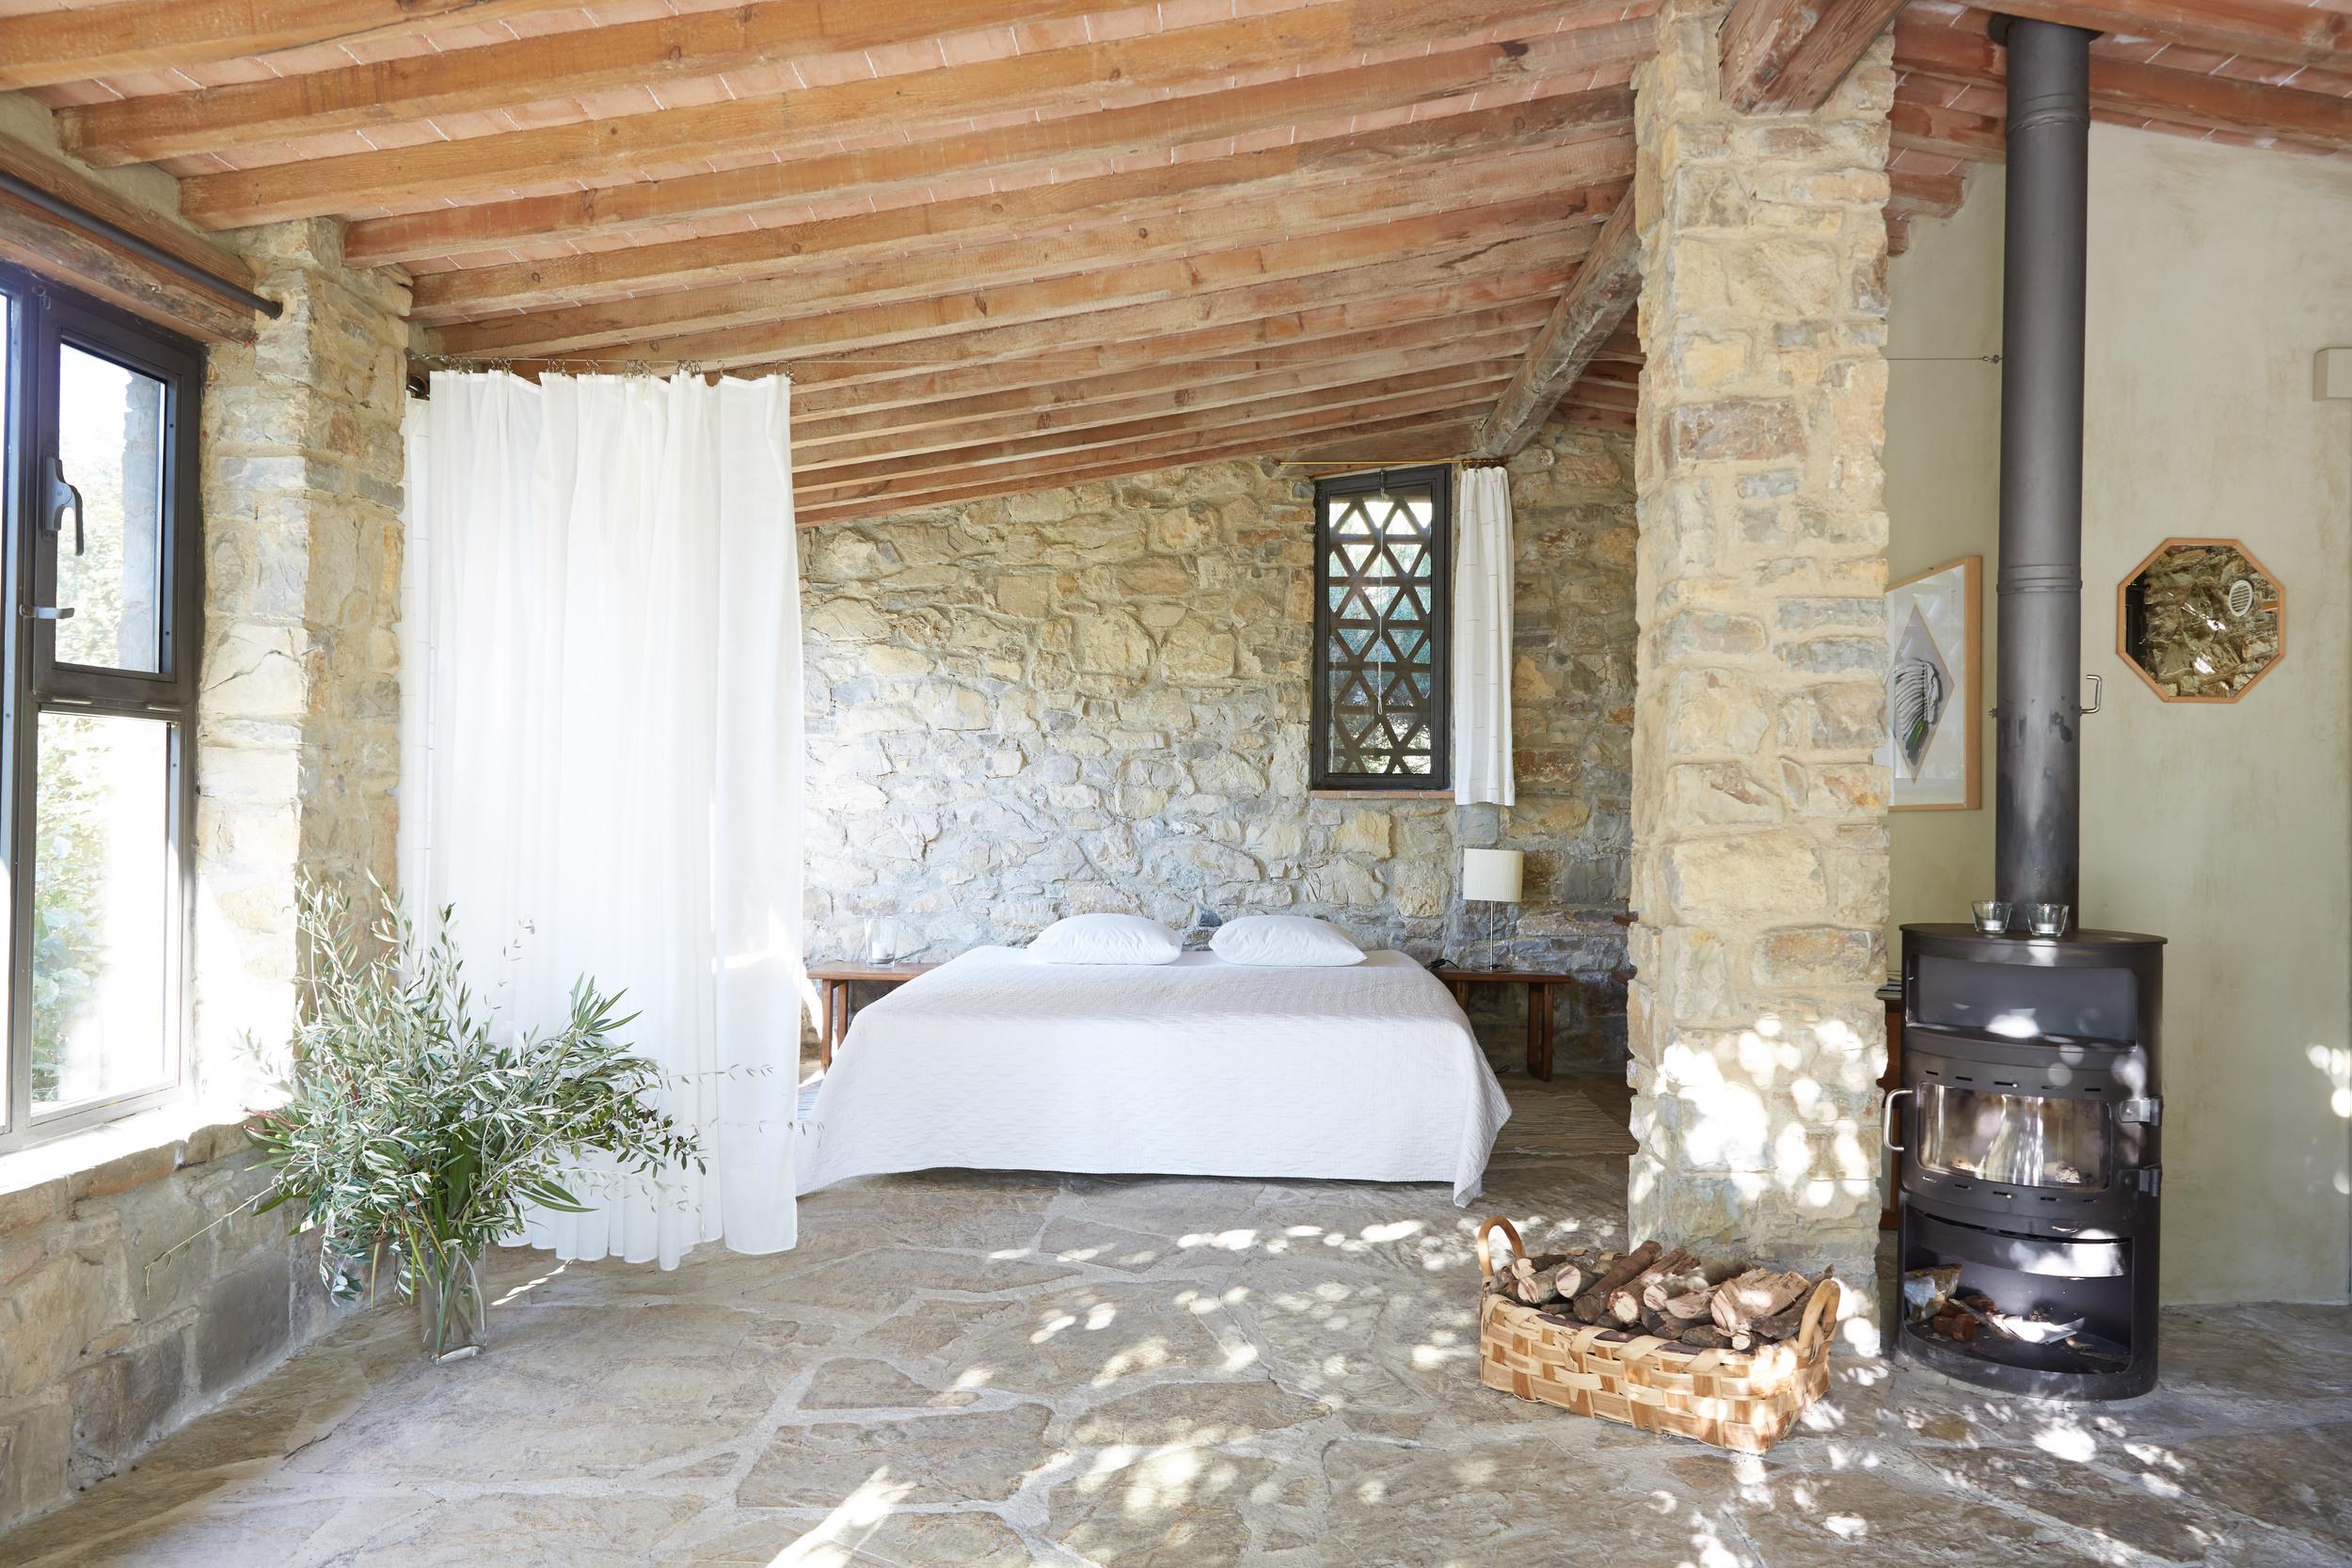 Das romantische Gartenhaus, versteckt im Grünen. Natur pur, für 2 Personen. Ab 89 €/Tag (Off-Saison) Auf Anfrage